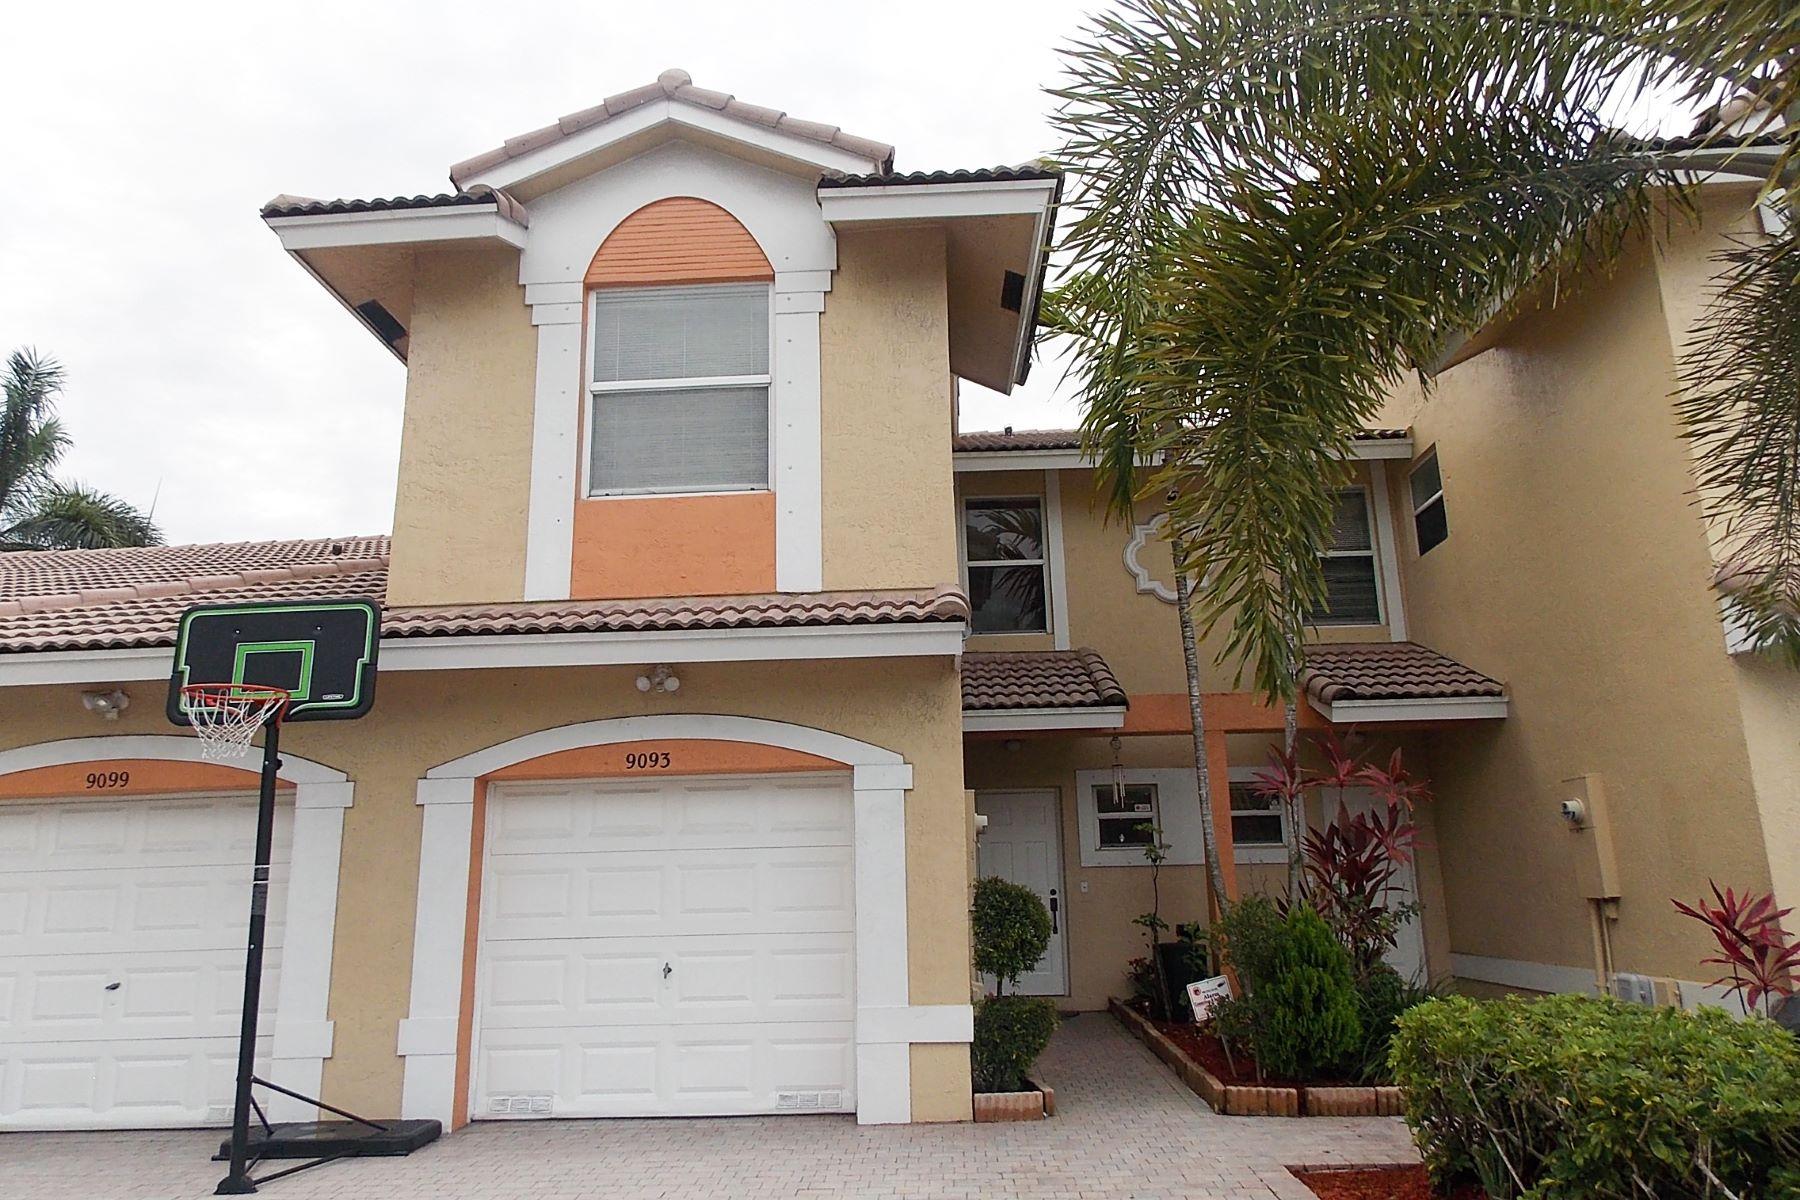 Stadthaus für Verkauf beim 9093 NW 55 CT # 102-B Sunrise, Florida, 33325 Vereinigte Staaten